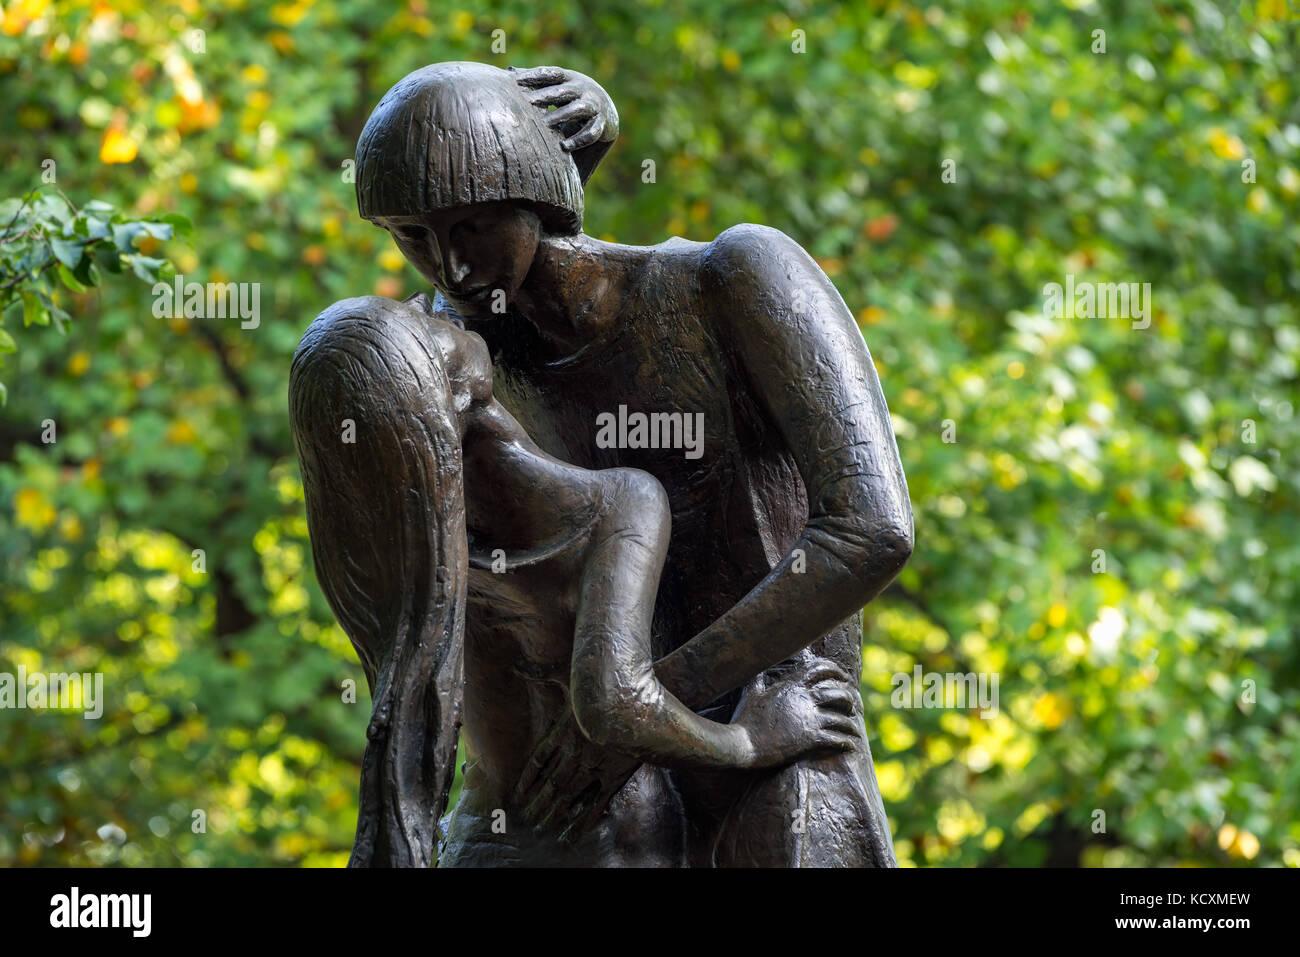 Romeo und Julia Bronze Statue in der Nähe der Delacorte Theater im Central Park. Manhattan, New York City Stockbild